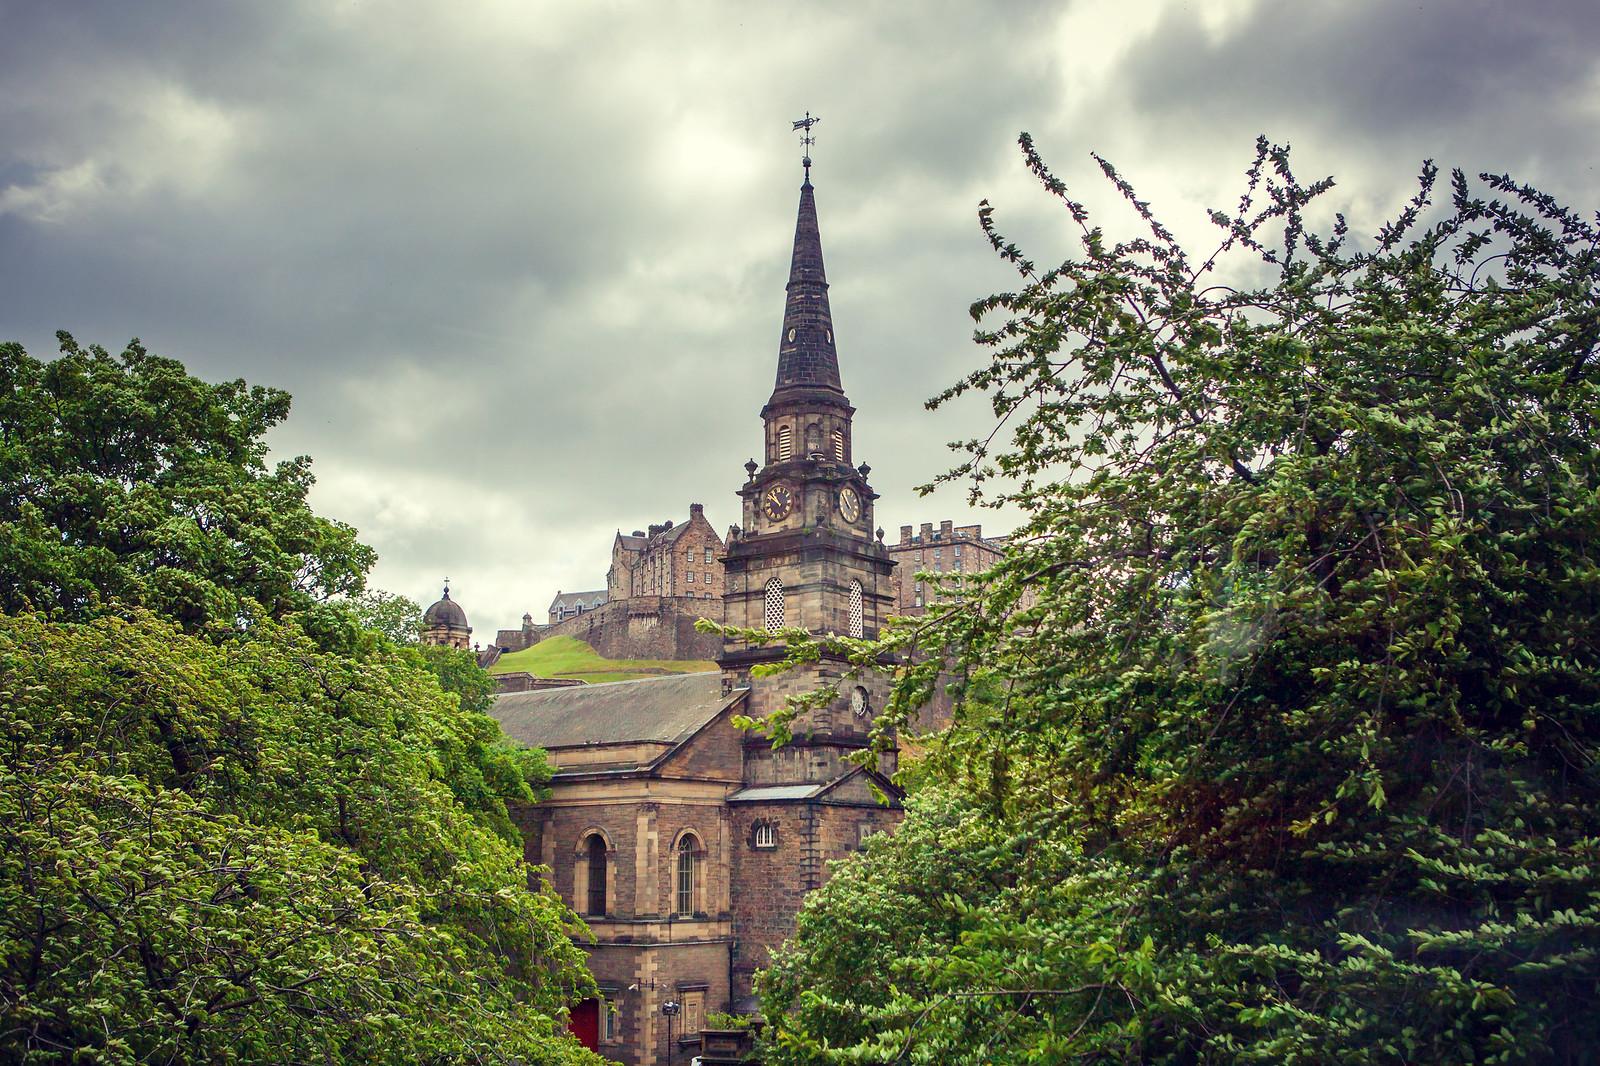 苏格兰爱丁堡,老城市老文化